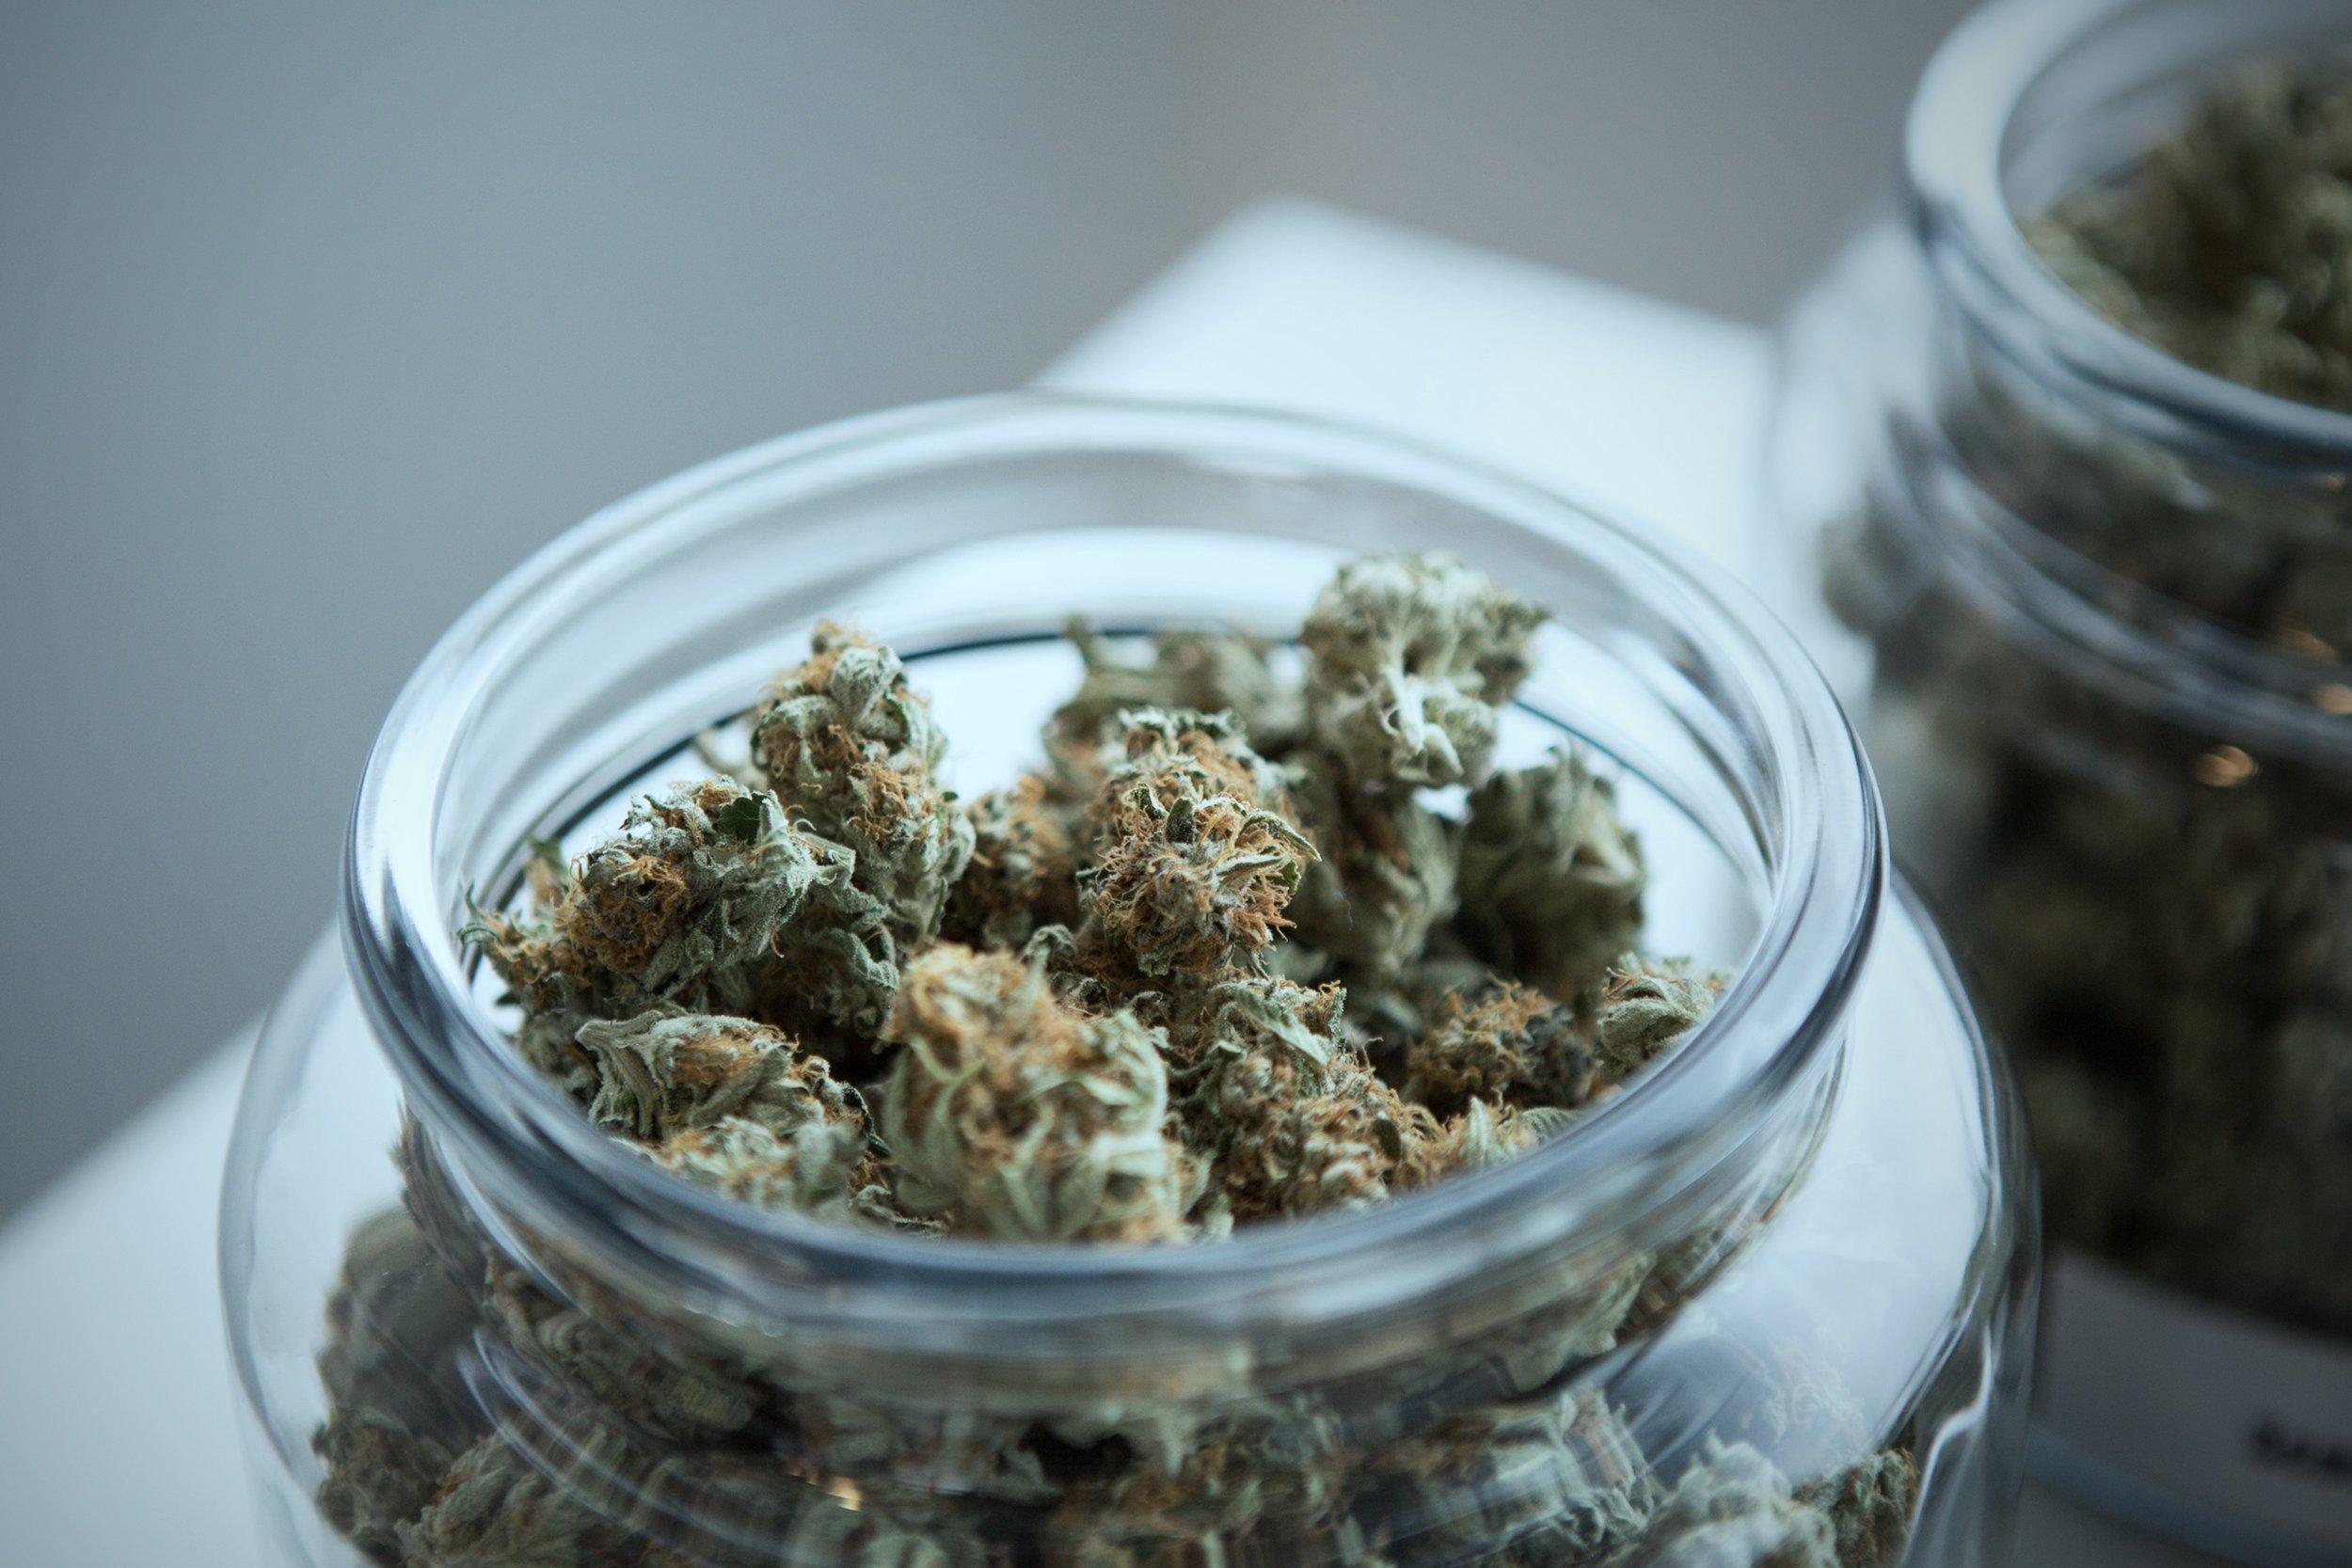 CBN cannabinol a cannabis cannabinoid